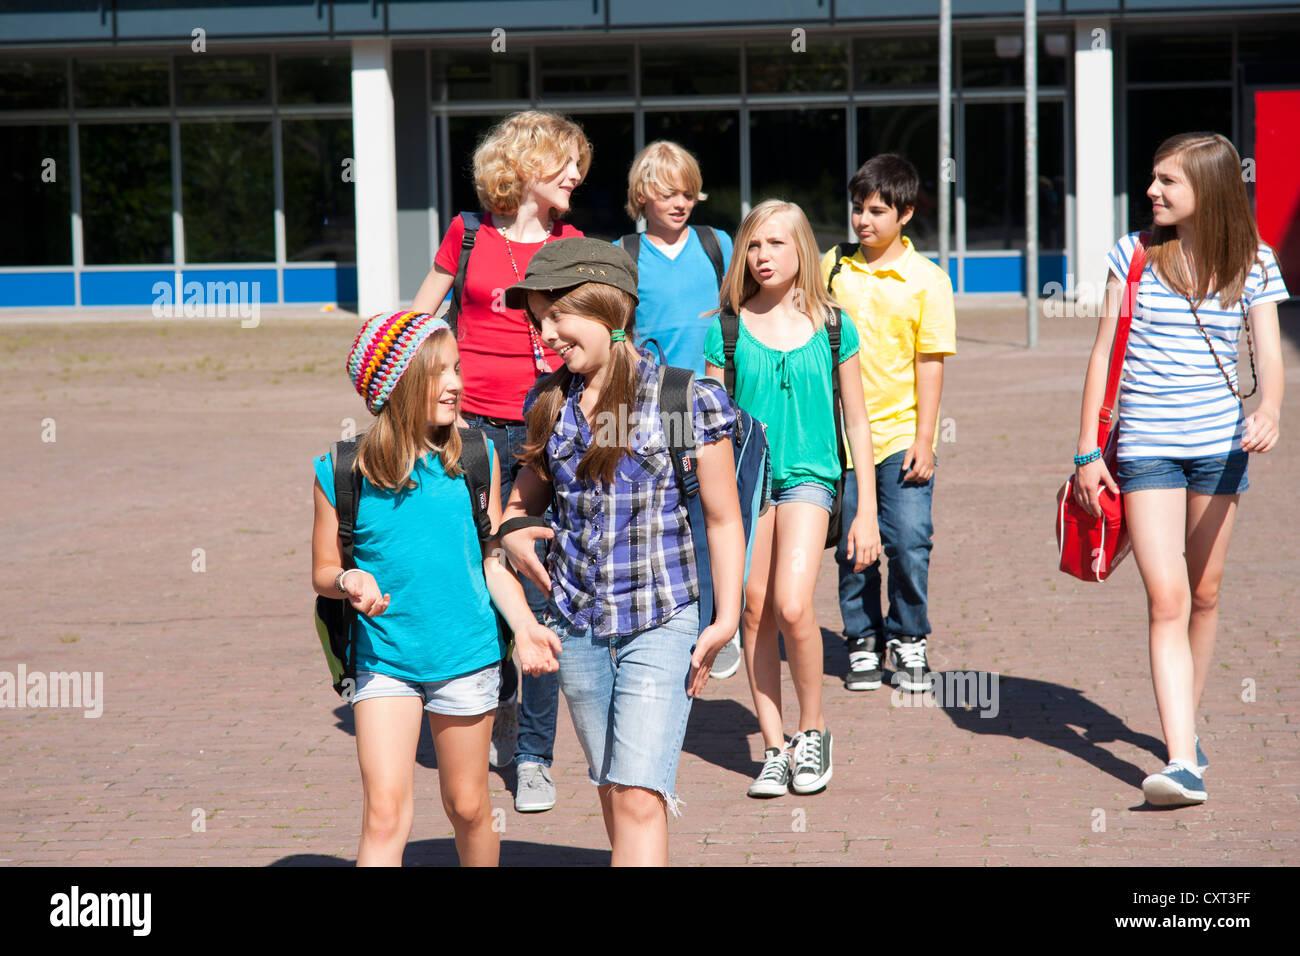 Schoolchildren leaving the school - Stock Image